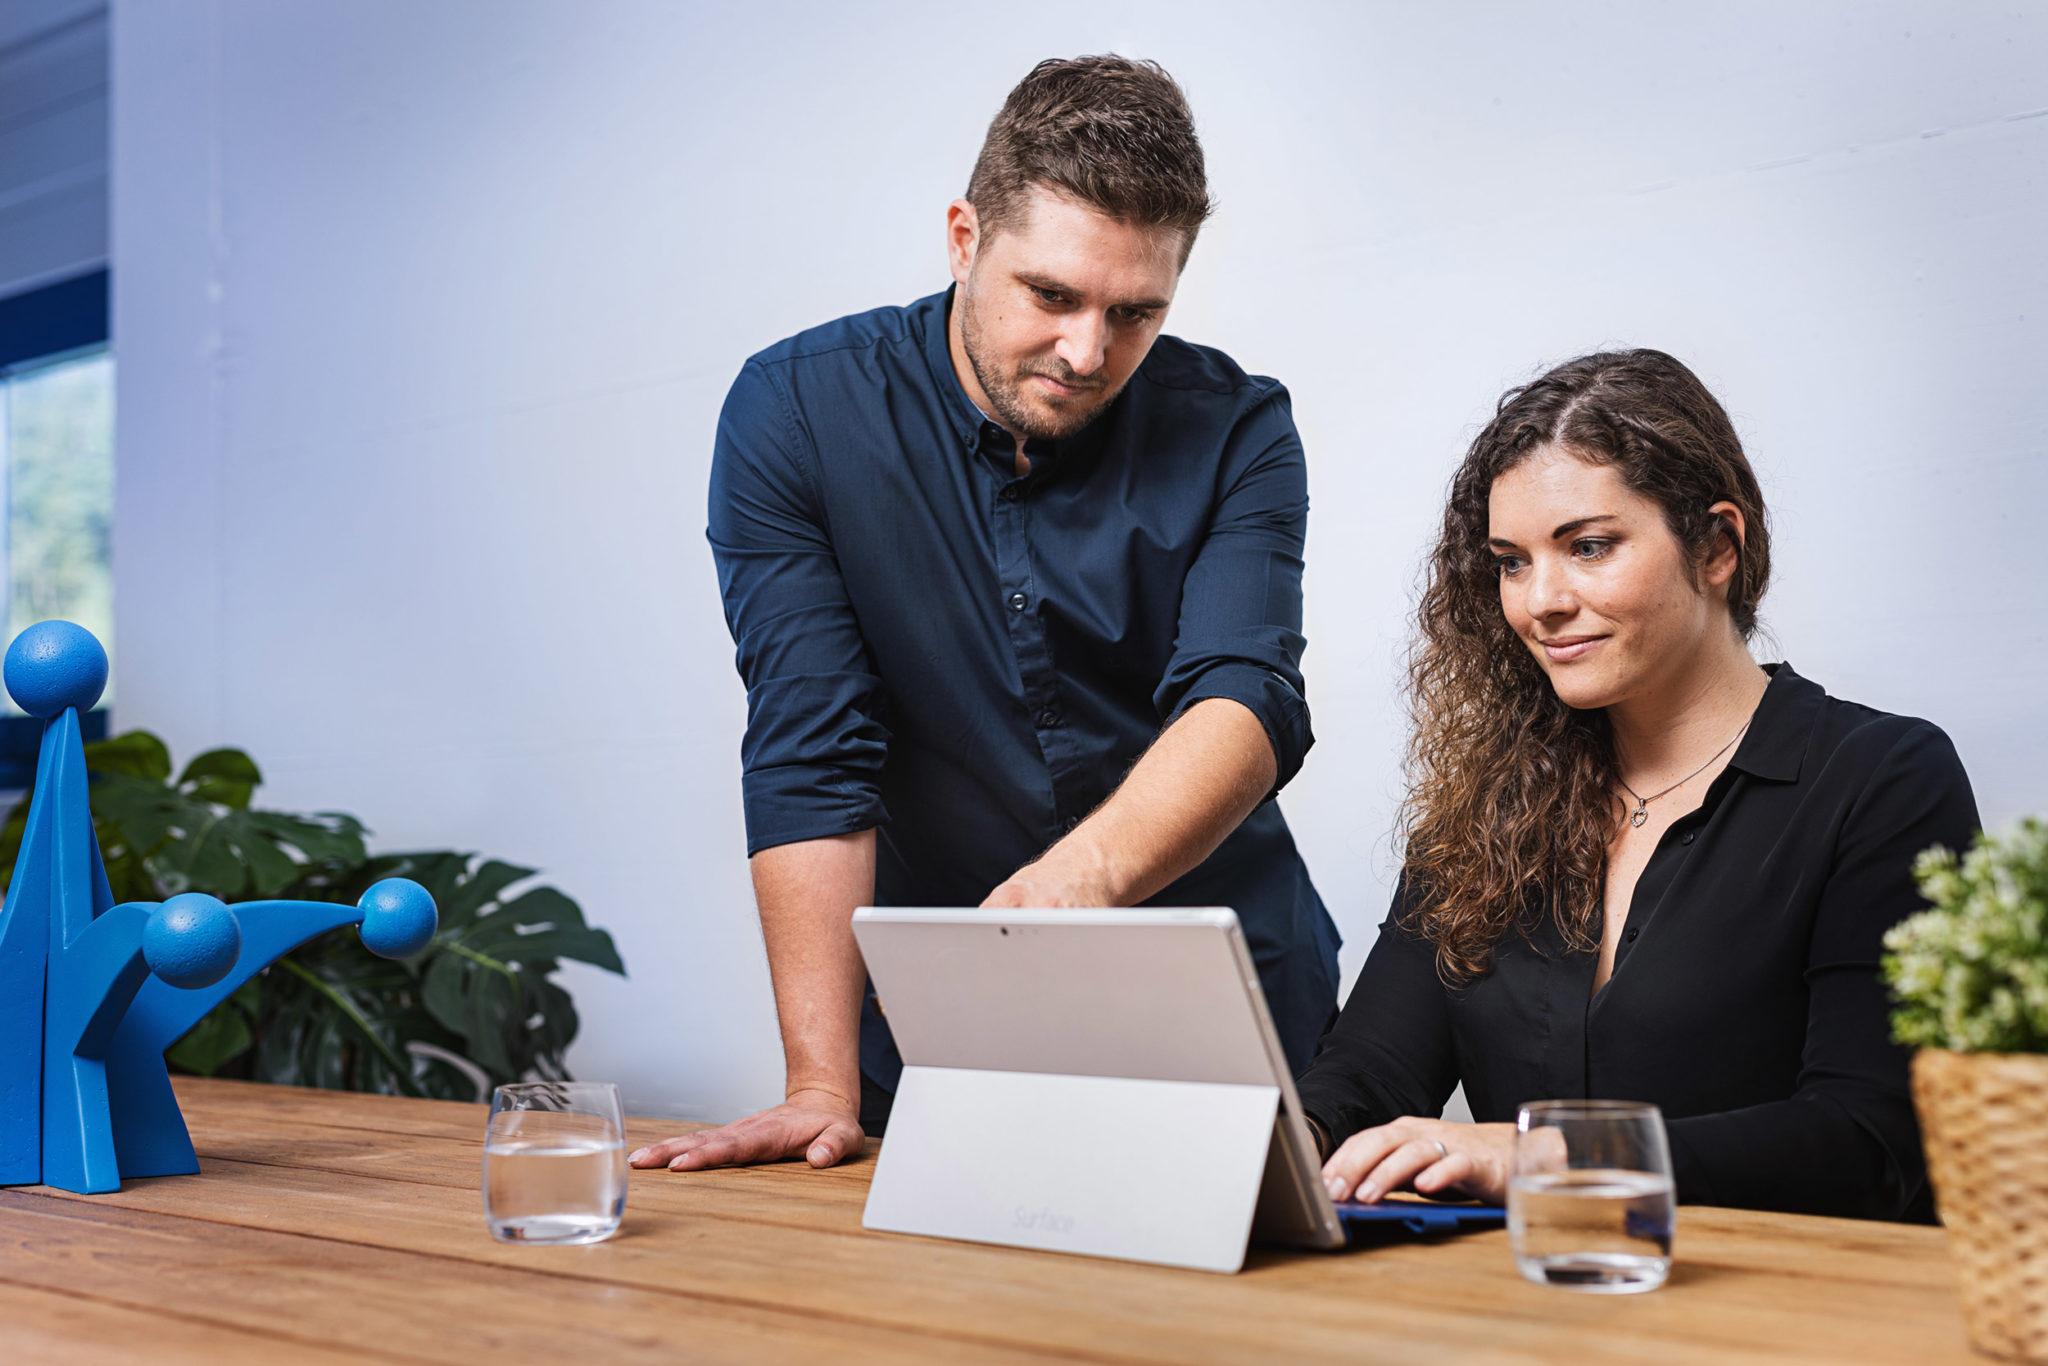 Ihr innovativer Joker zum digitalen Arbeitsplatz - Nachhaltige & professionelle Unternehmensentwicklung, durch Effektivitäts & Effizienzsteigerung Ihrer Produktivität